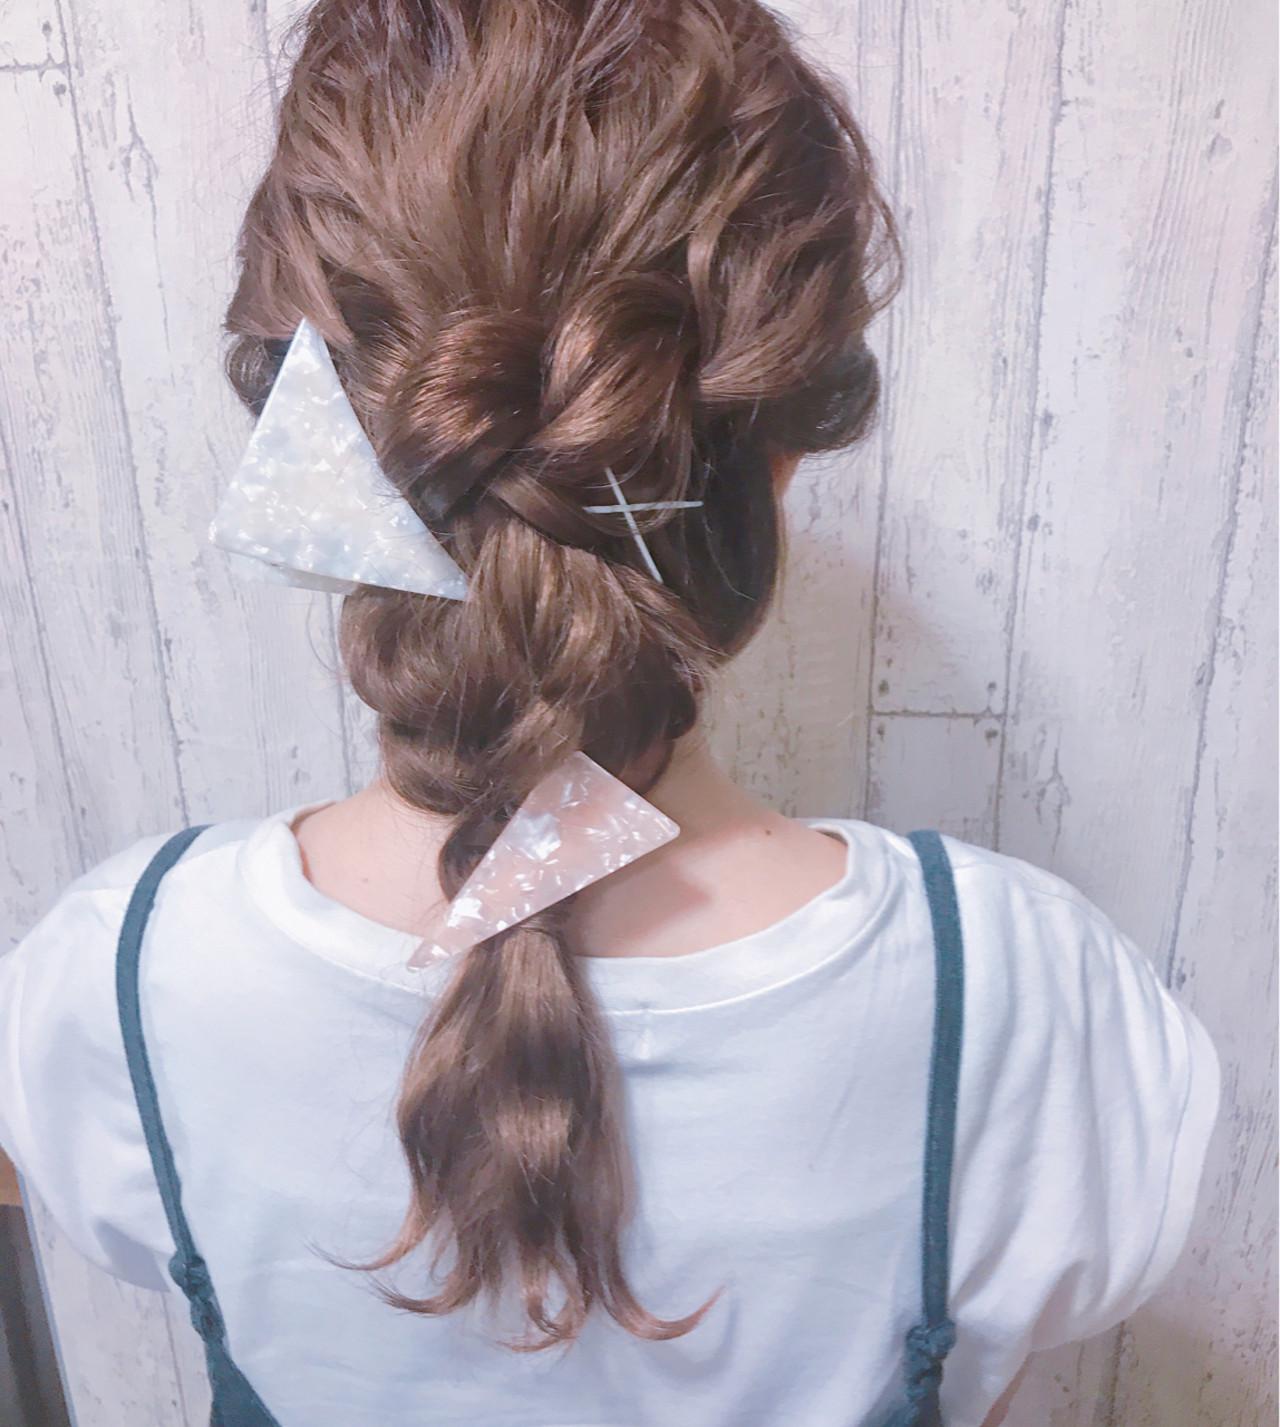 ヘアアレンジ 女子会 セミロング フェミニン ヘアスタイルや髪型の写真・画像